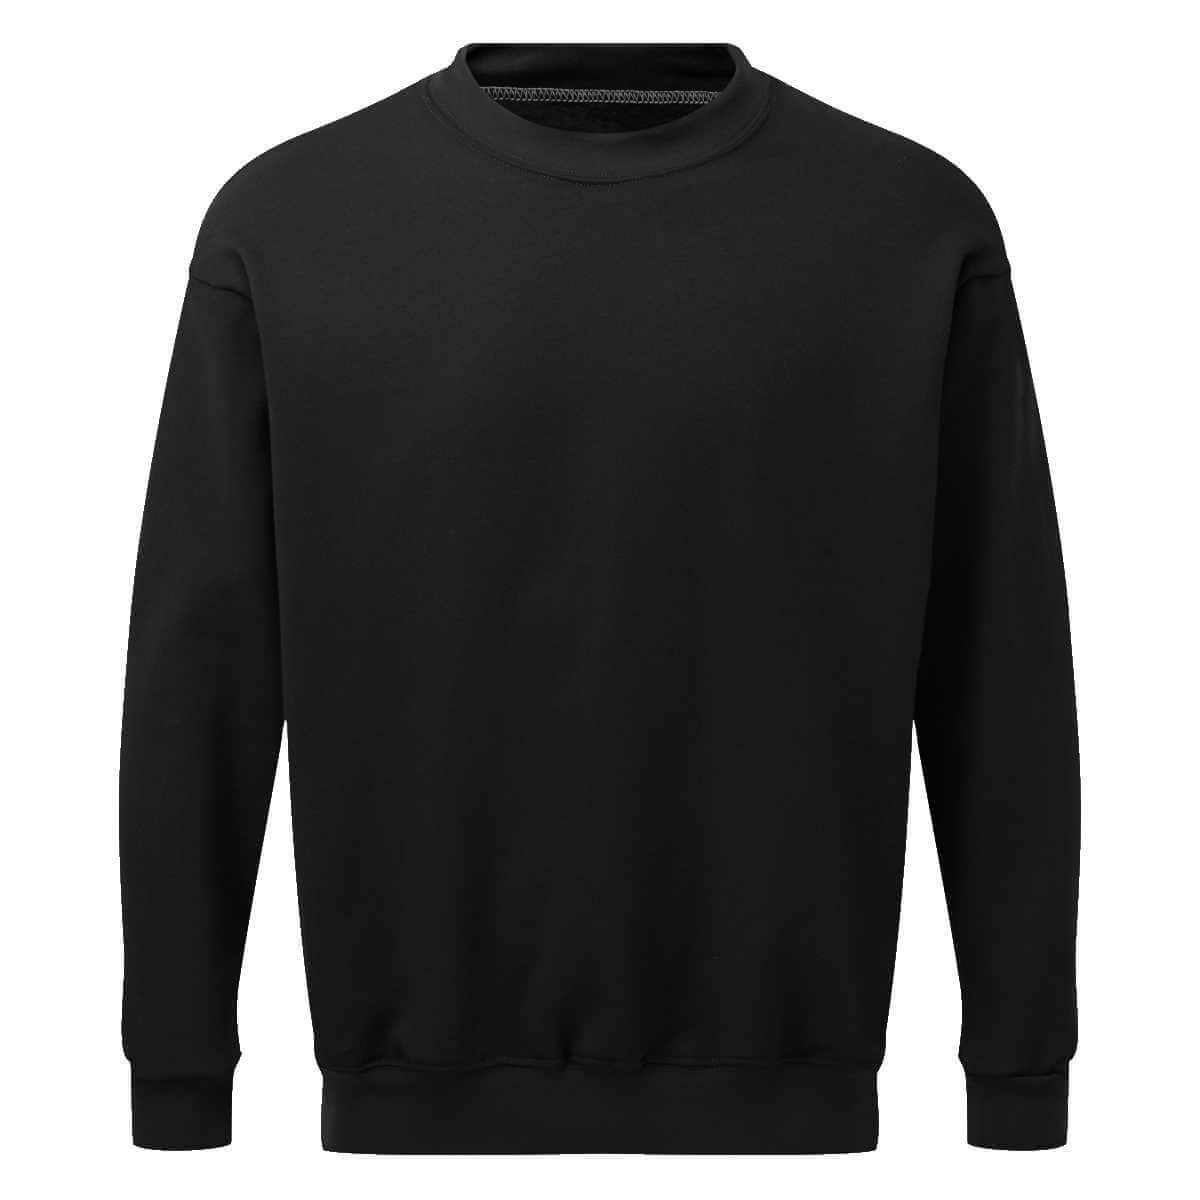 AS2330 AS2330 HAZTEC® Bakken FR AS Inherent SweatshirtBlack_Back LR Black_Front LR